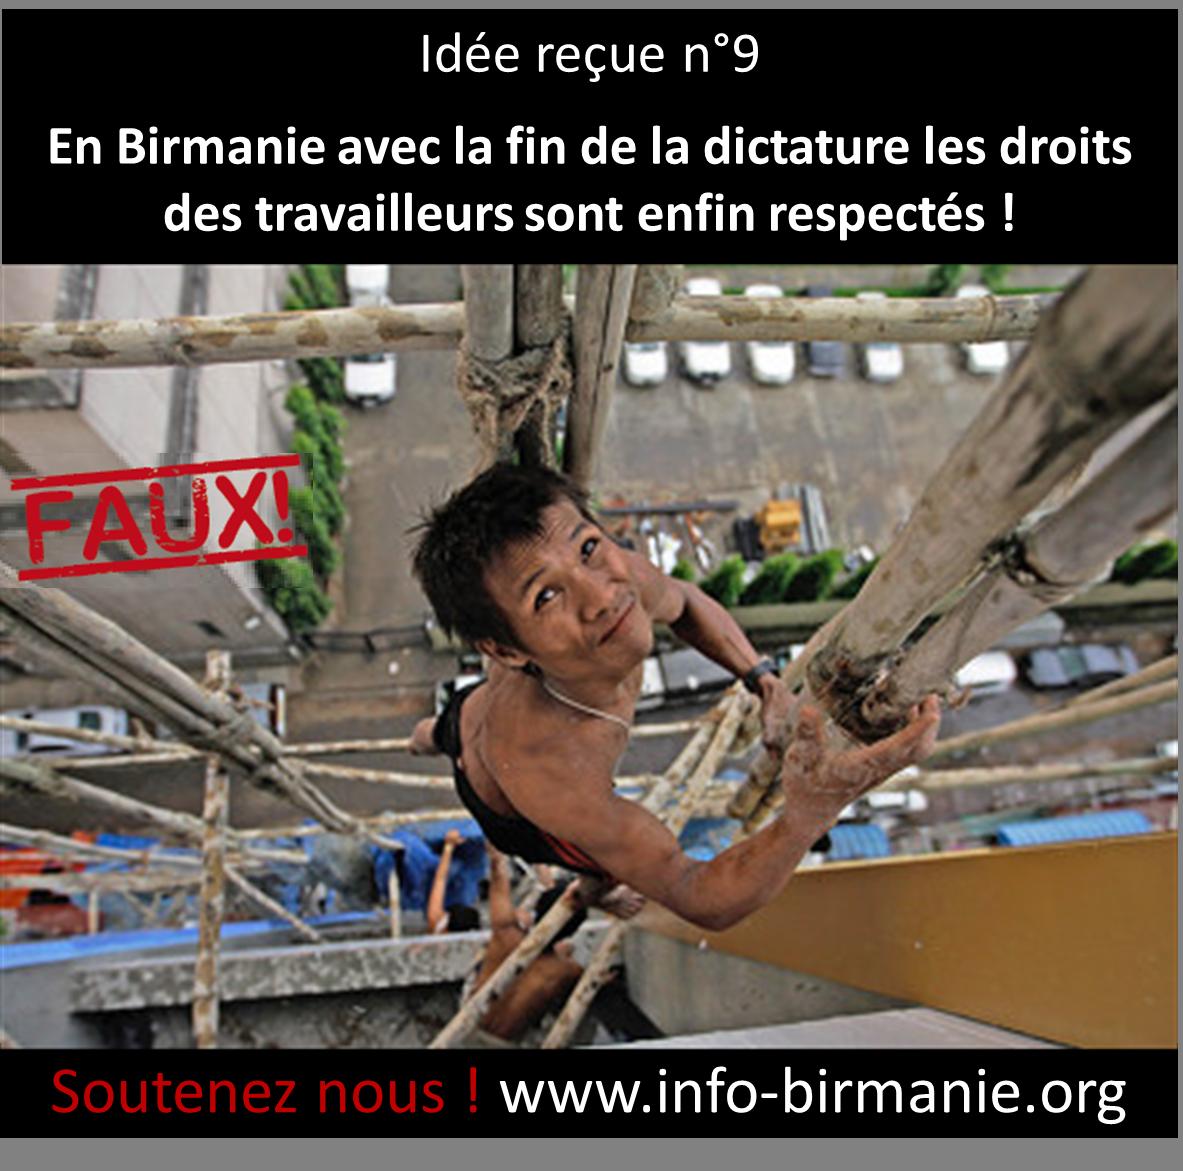 Idée reçue n°9 : En Birmanie avec la fin de la dictature les droits des travailleurs sont enfin respectés !